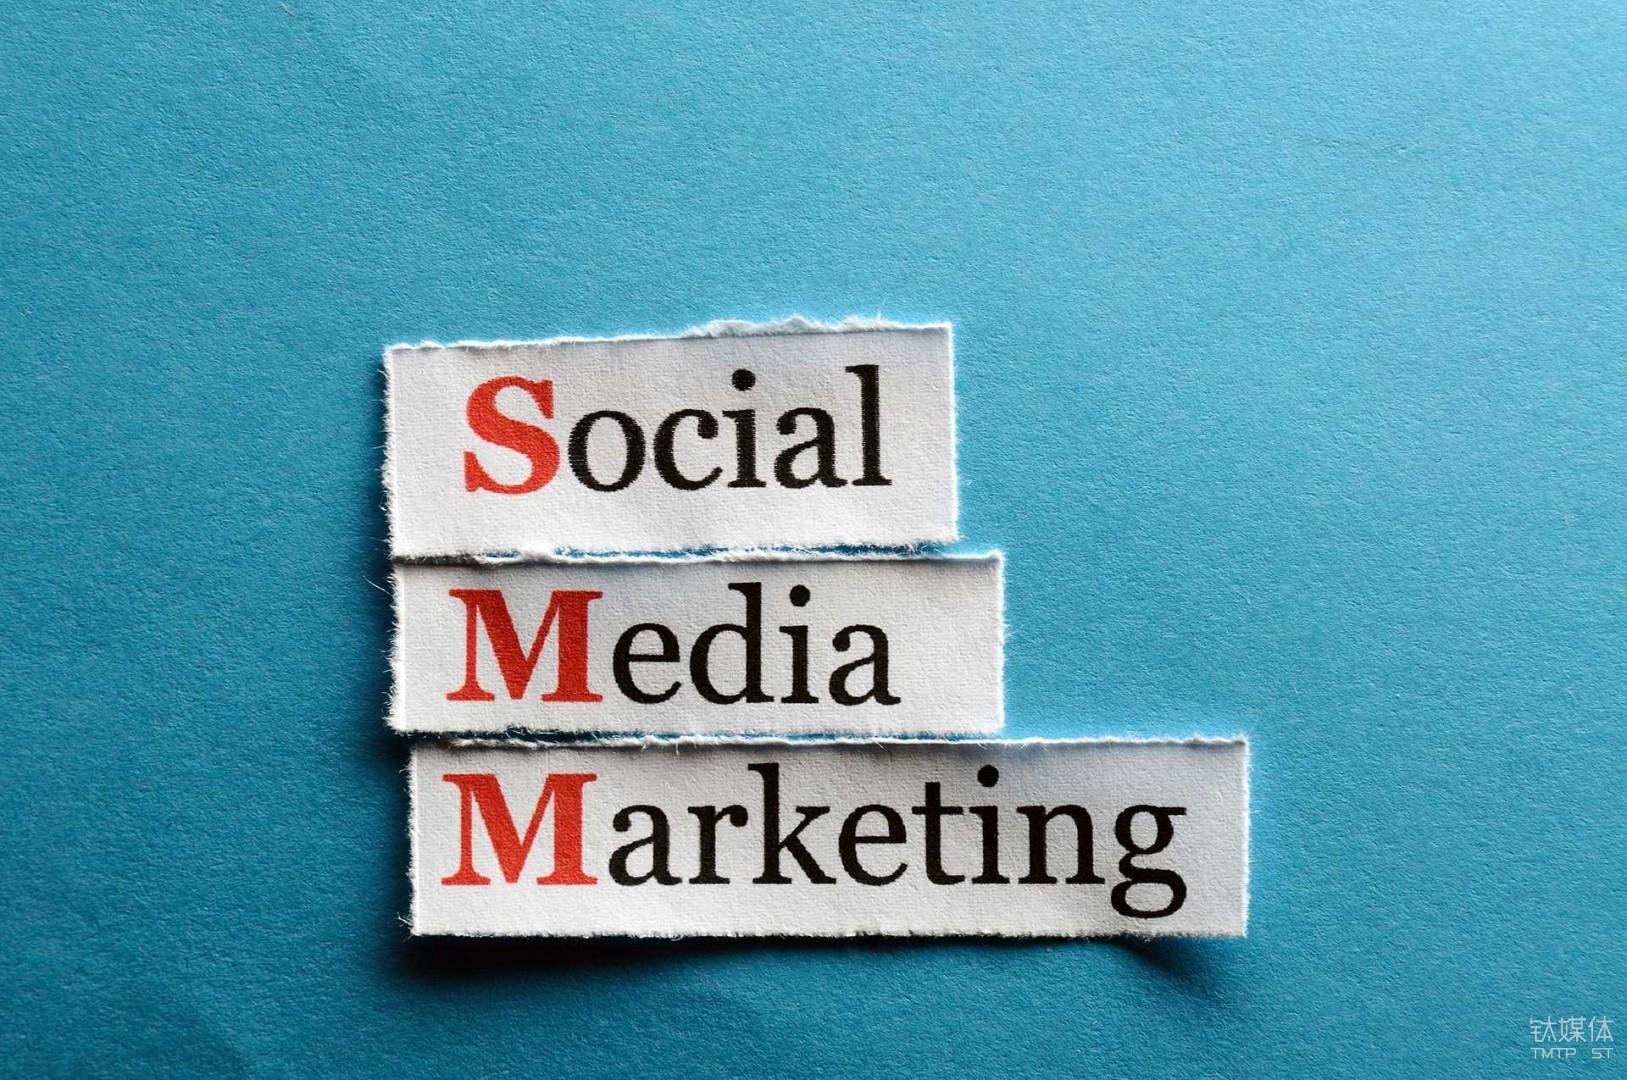 数据驱动的社交广告营销正发挥着越来越大的作用